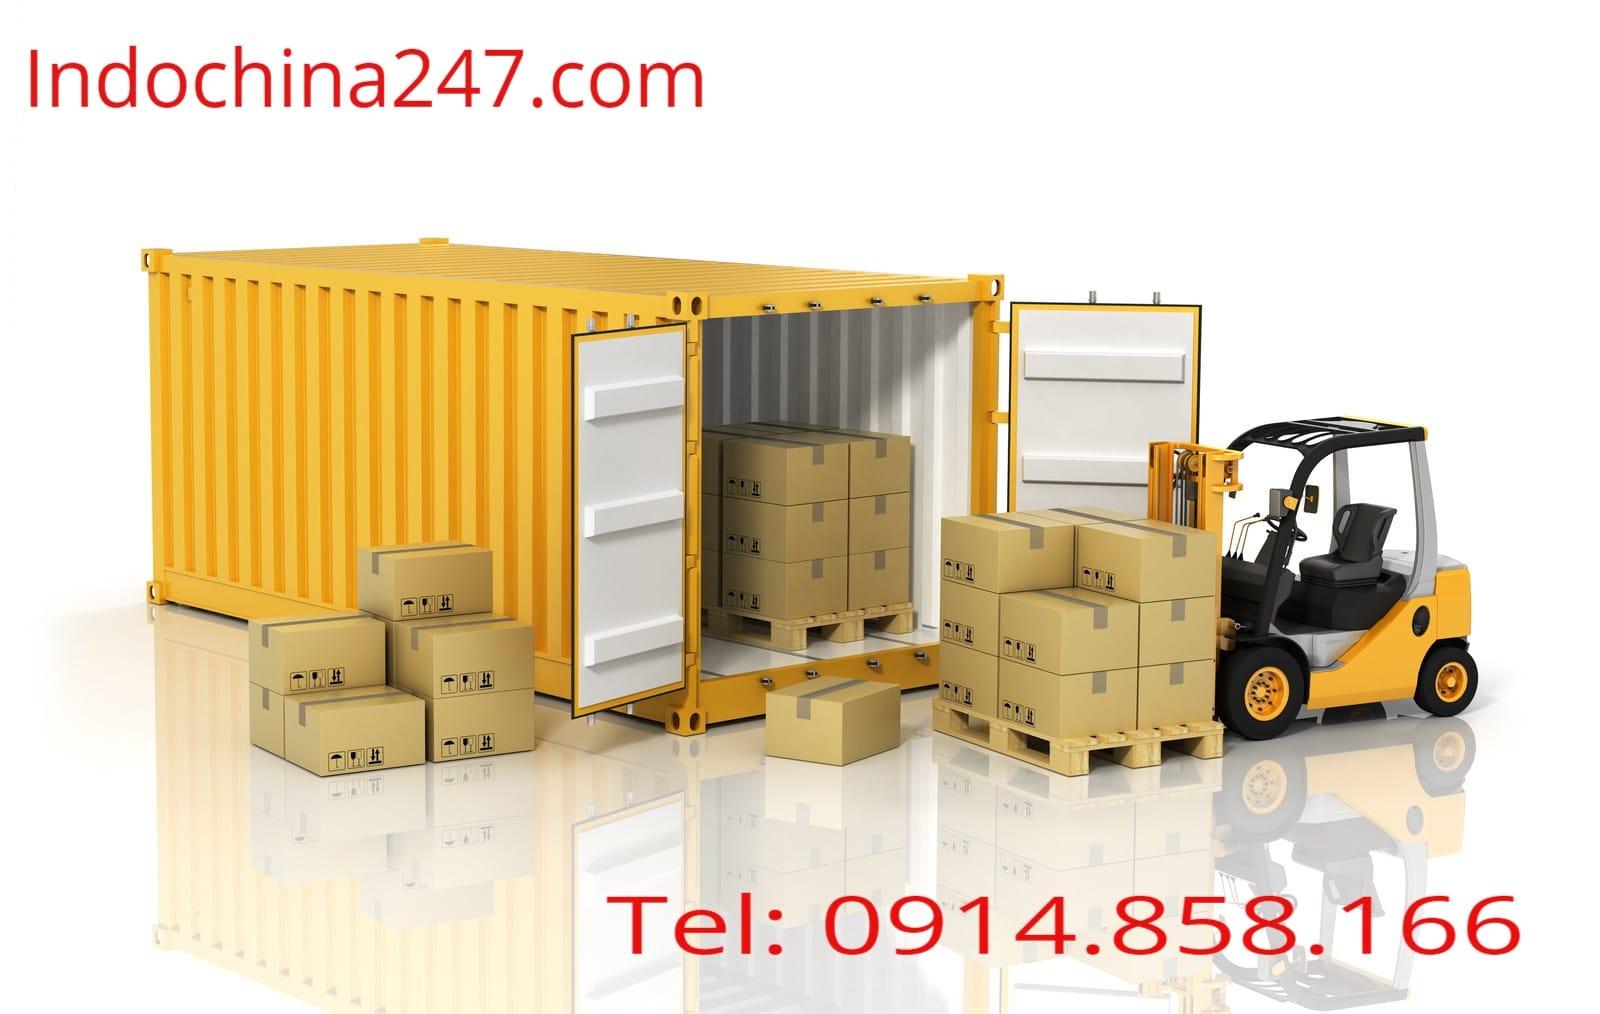 Dịch vụvận chuyển hàng từ Úc về Việt Nam của Indochina247